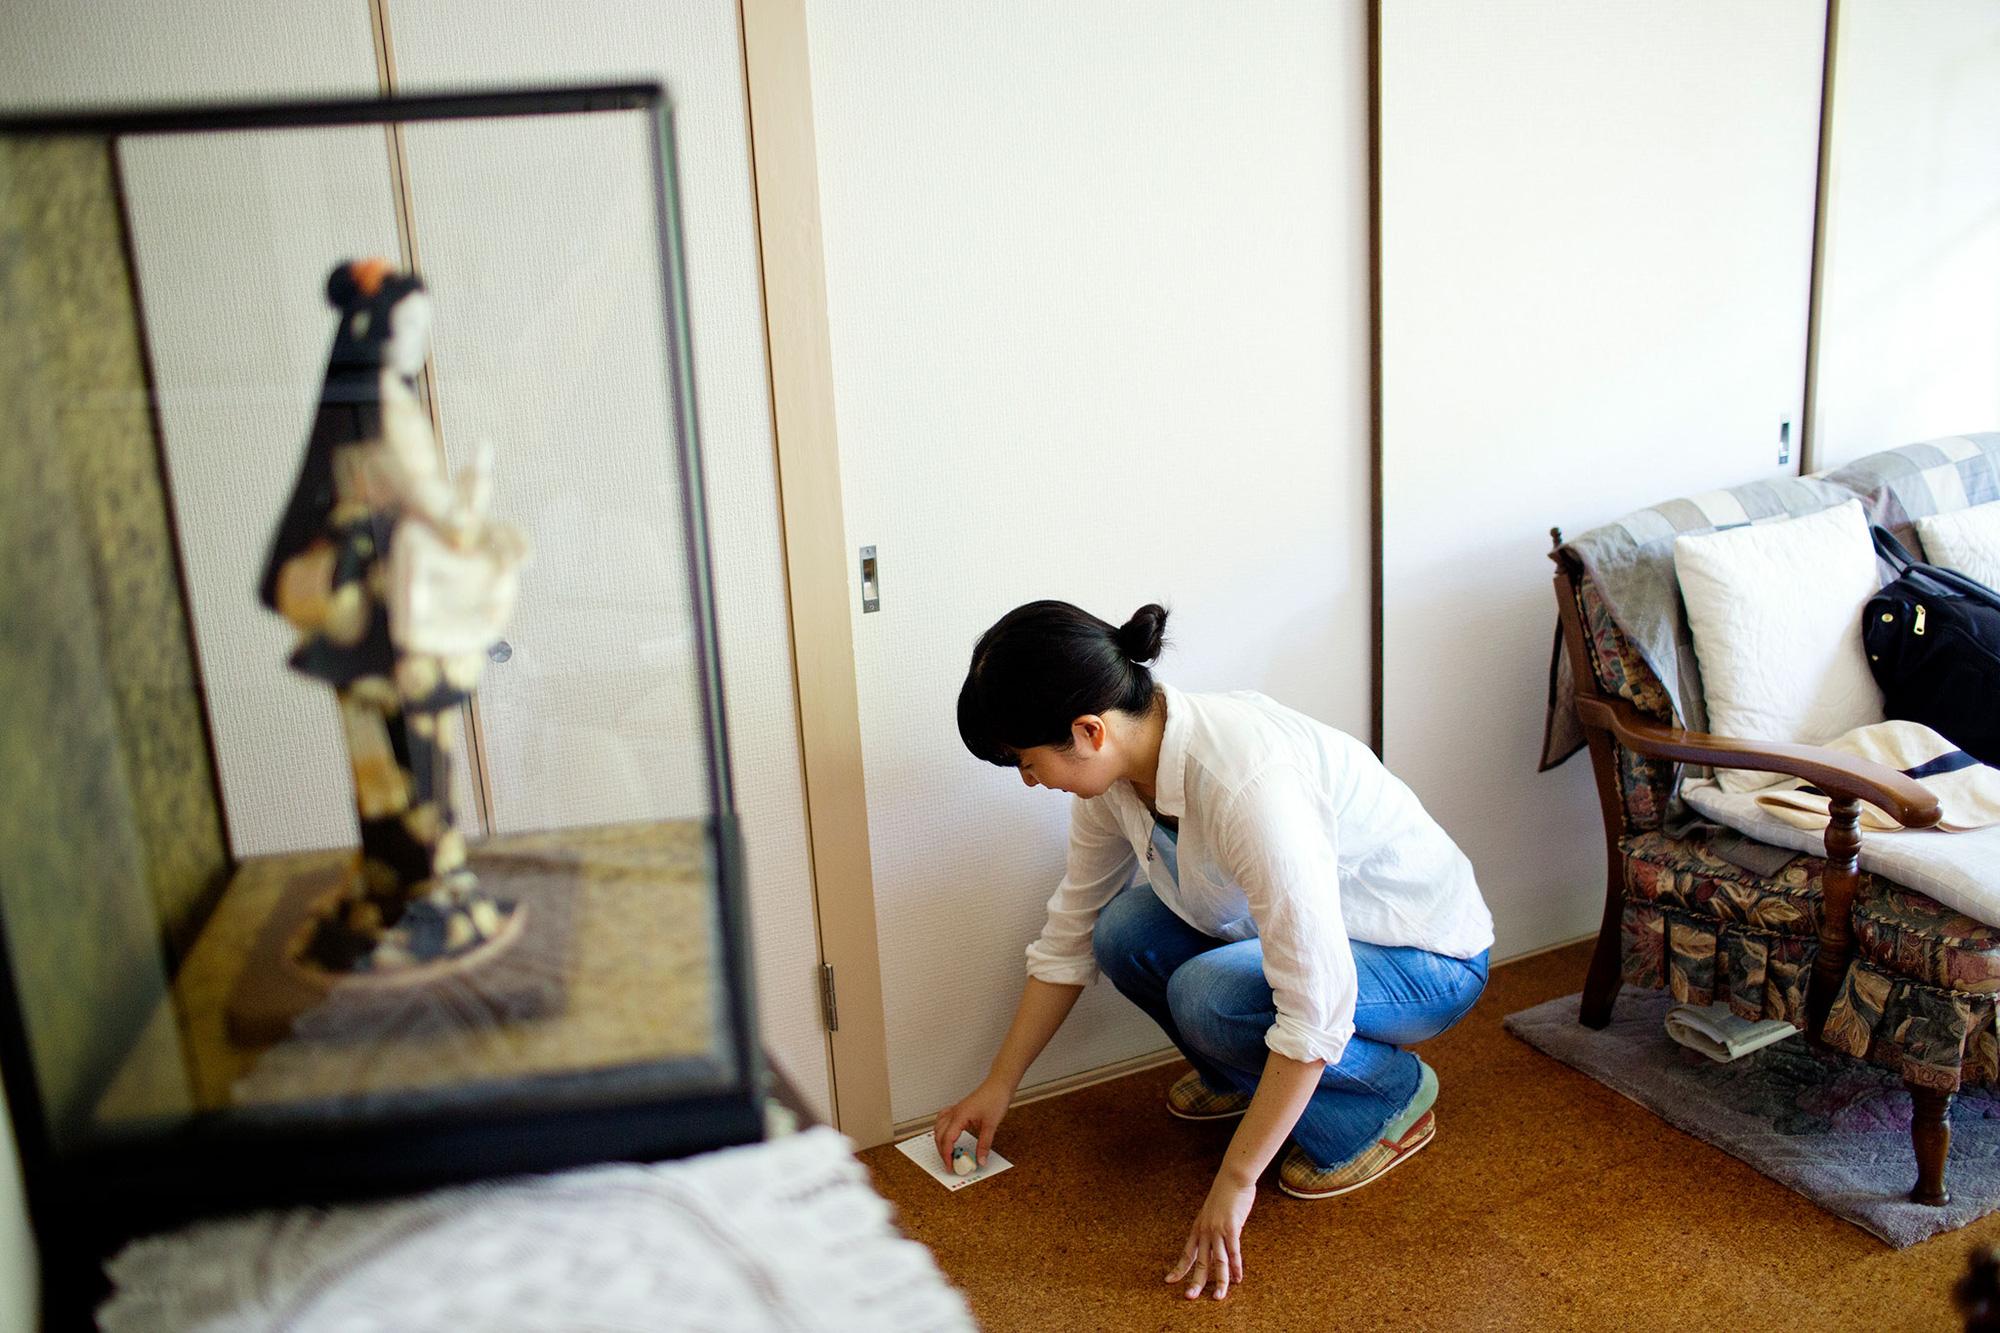 Từng bị kỳ thị vì lối sống ẩn sĩ, nay thế hệ hikikomori tại Nhật Bản lại trở thành chuyên gia cách ly xã hội giữa mùa dịch: Ở nhà không có nghĩa là cô đơn - Ảnh 4.